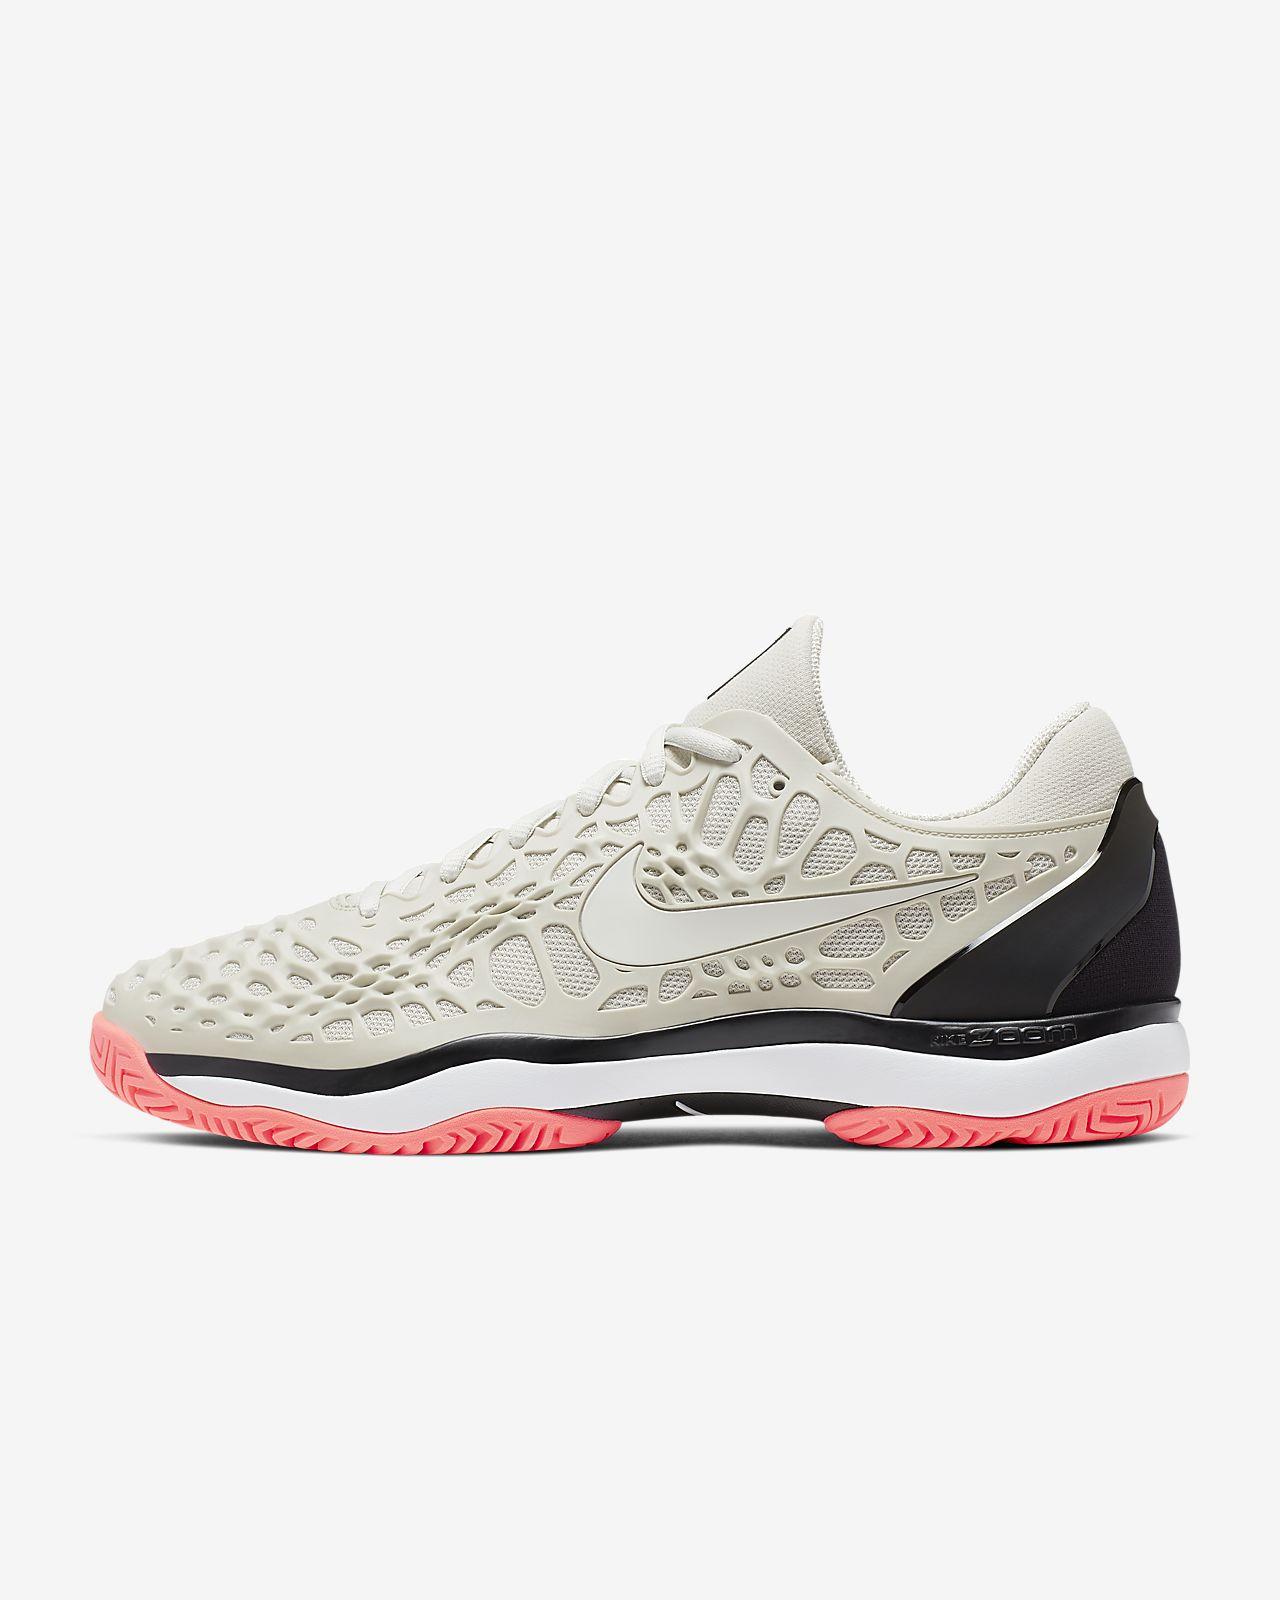 NikeCourt Zoom Cage 3 Sert Kort Erkek Tenis Ayakkabısı